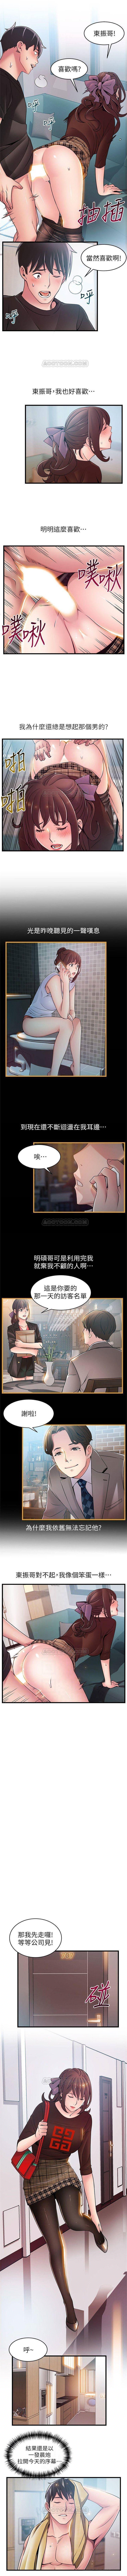 弱點 1-101 官方中文(連載中) 364